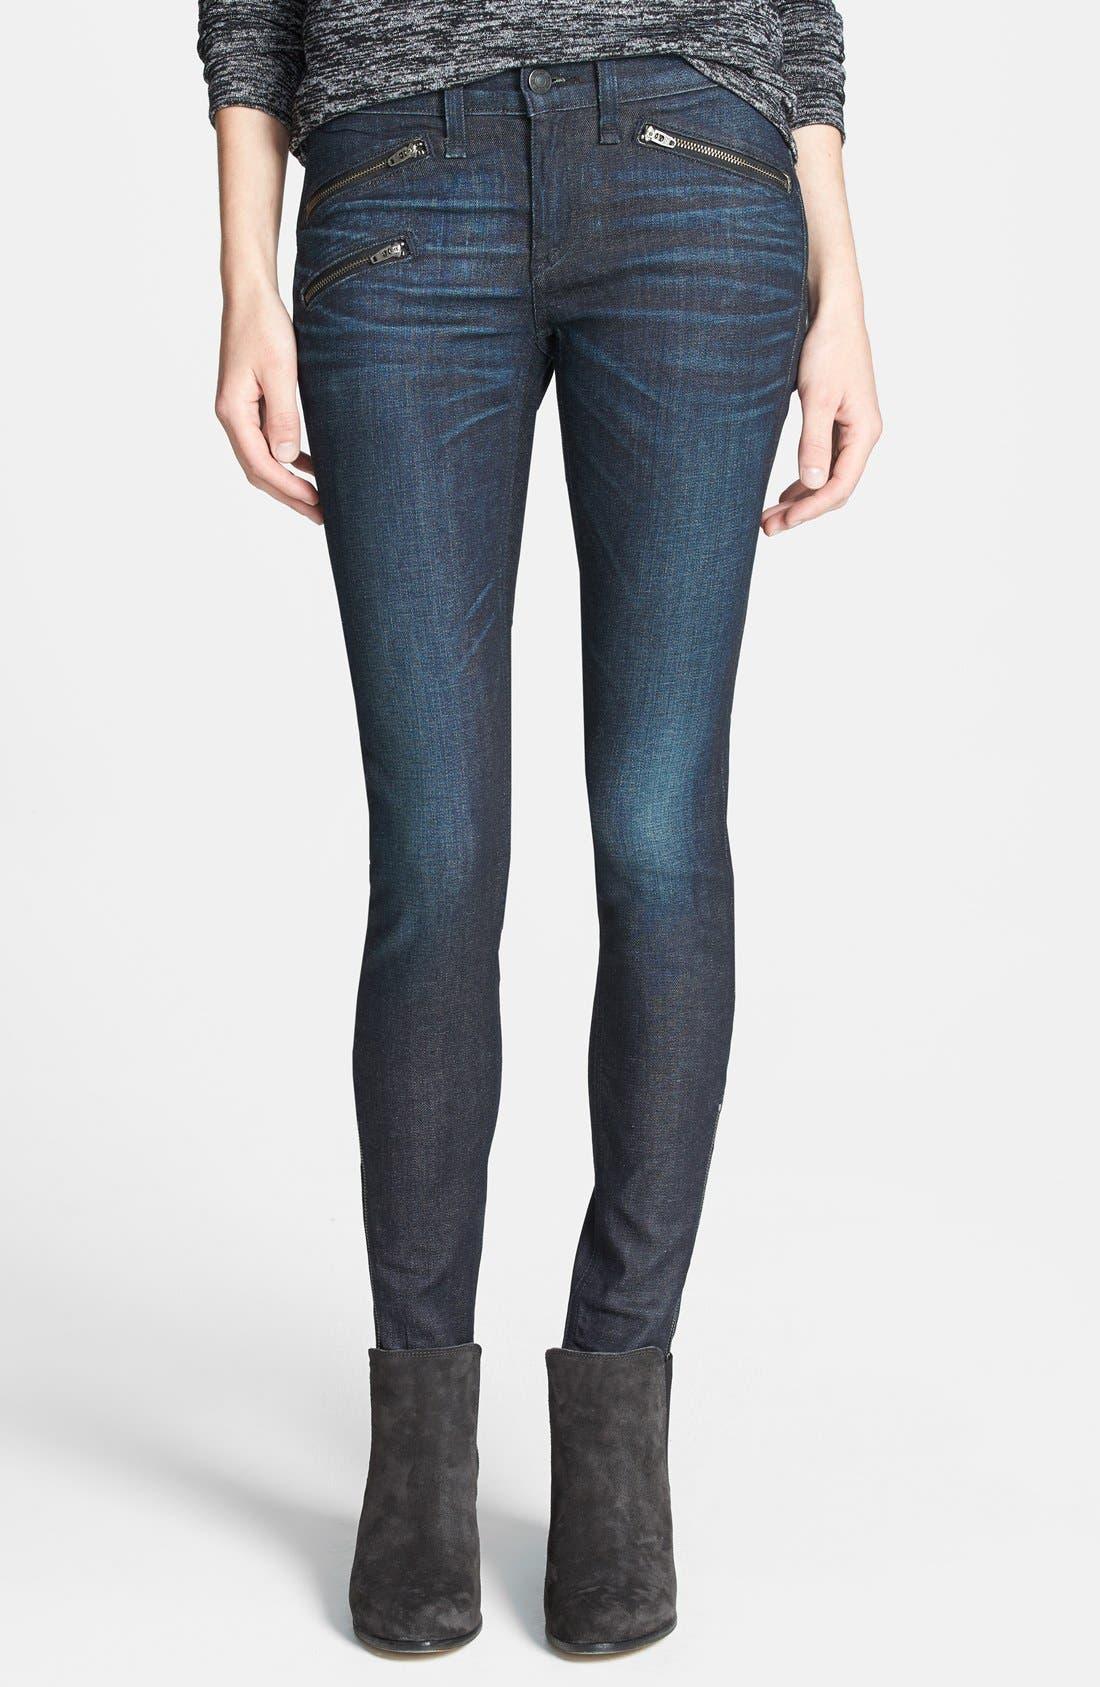 Main Image - rag & bone/JEAN Zip Detail Skinny Jeans (Kensington) (Nordstrom Exclusive)